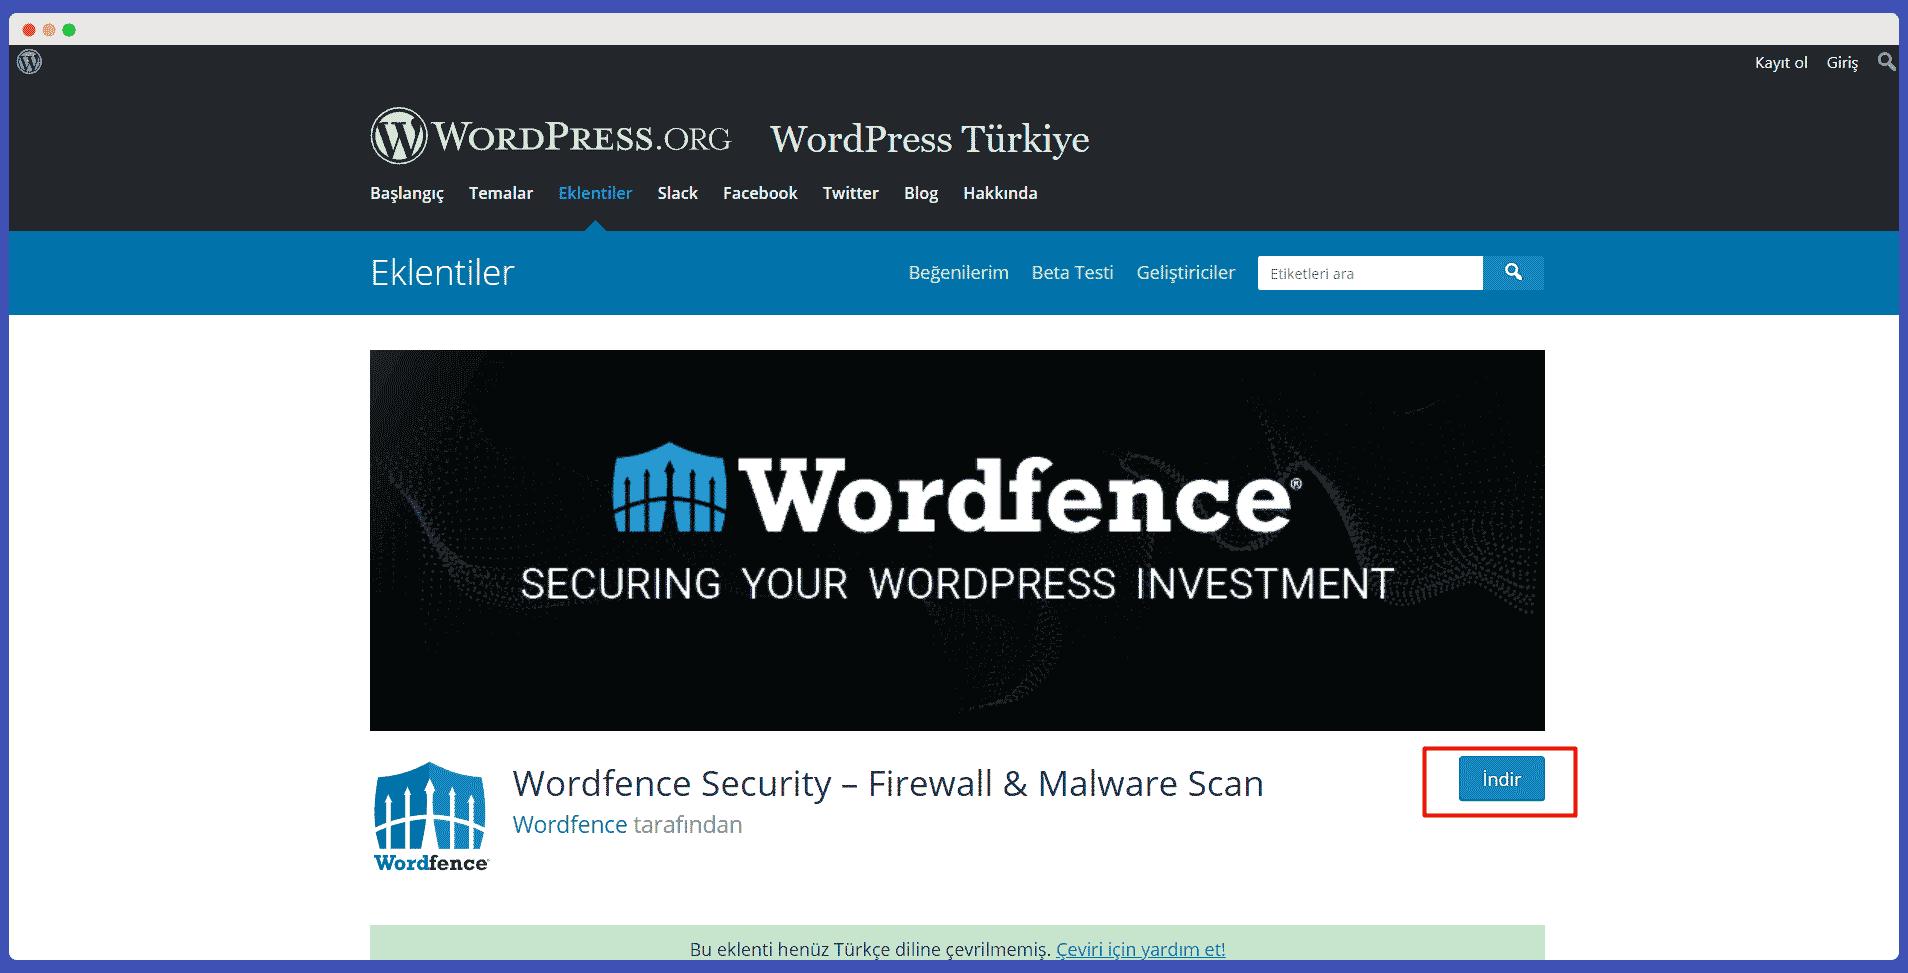 wordfence security kurulum aşamaları